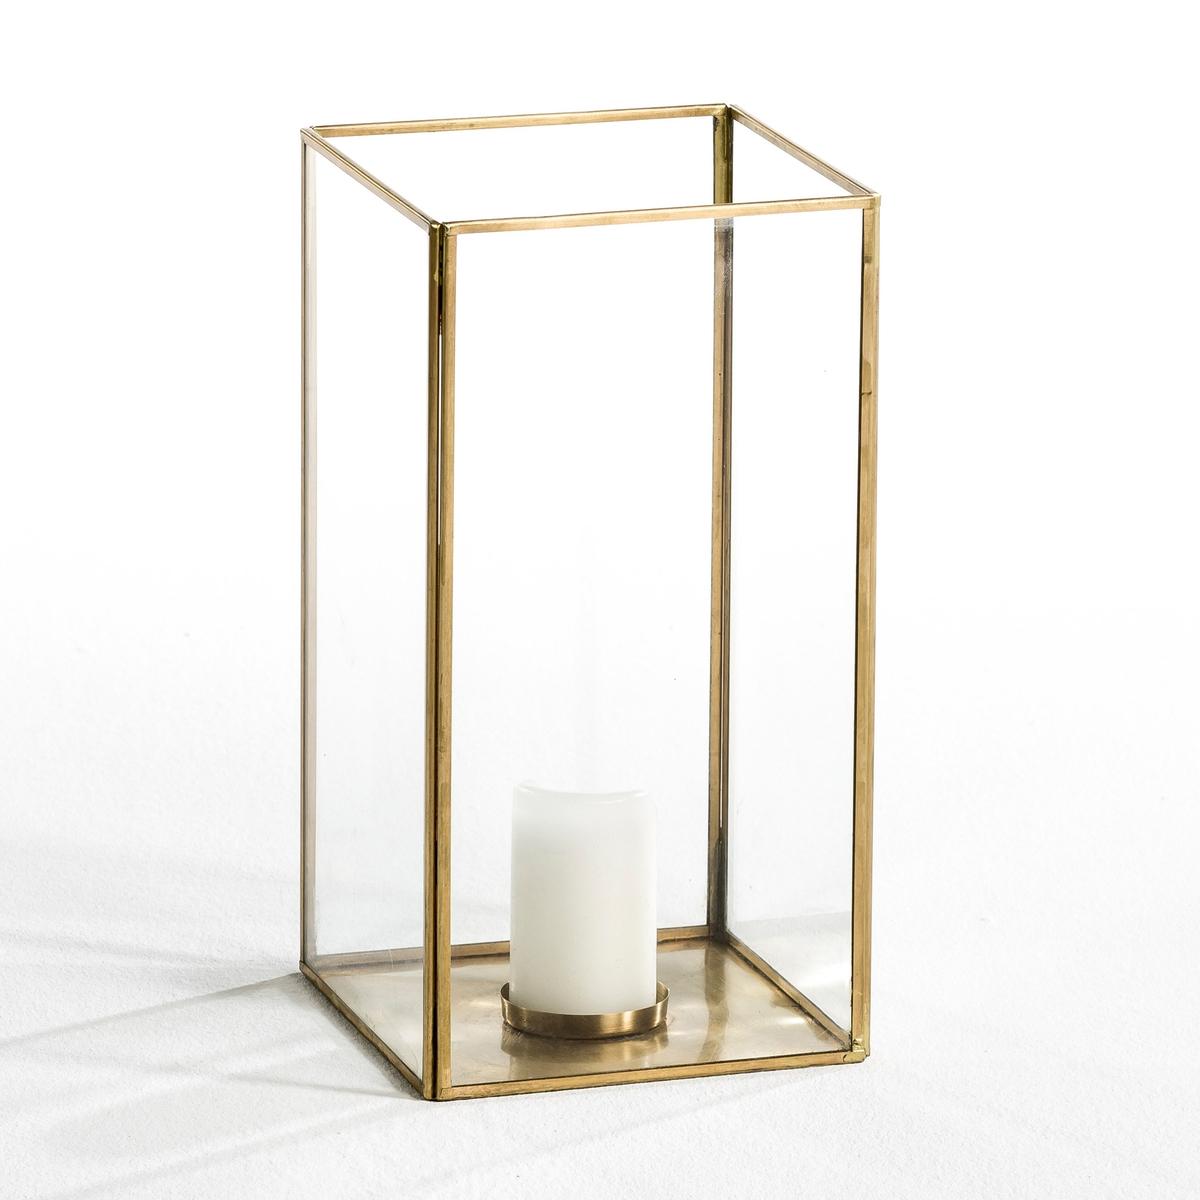 Абажур для свечи Misia, средняя модельКаркас из металла с отделкой латунью и стекла толщиной 2 мм. Подходит для свечей диаметром 10 см и высотой 15 см. Размеры:  Д.15 x В.30 см x Г.15 см.<br><br>Цвет: латунь